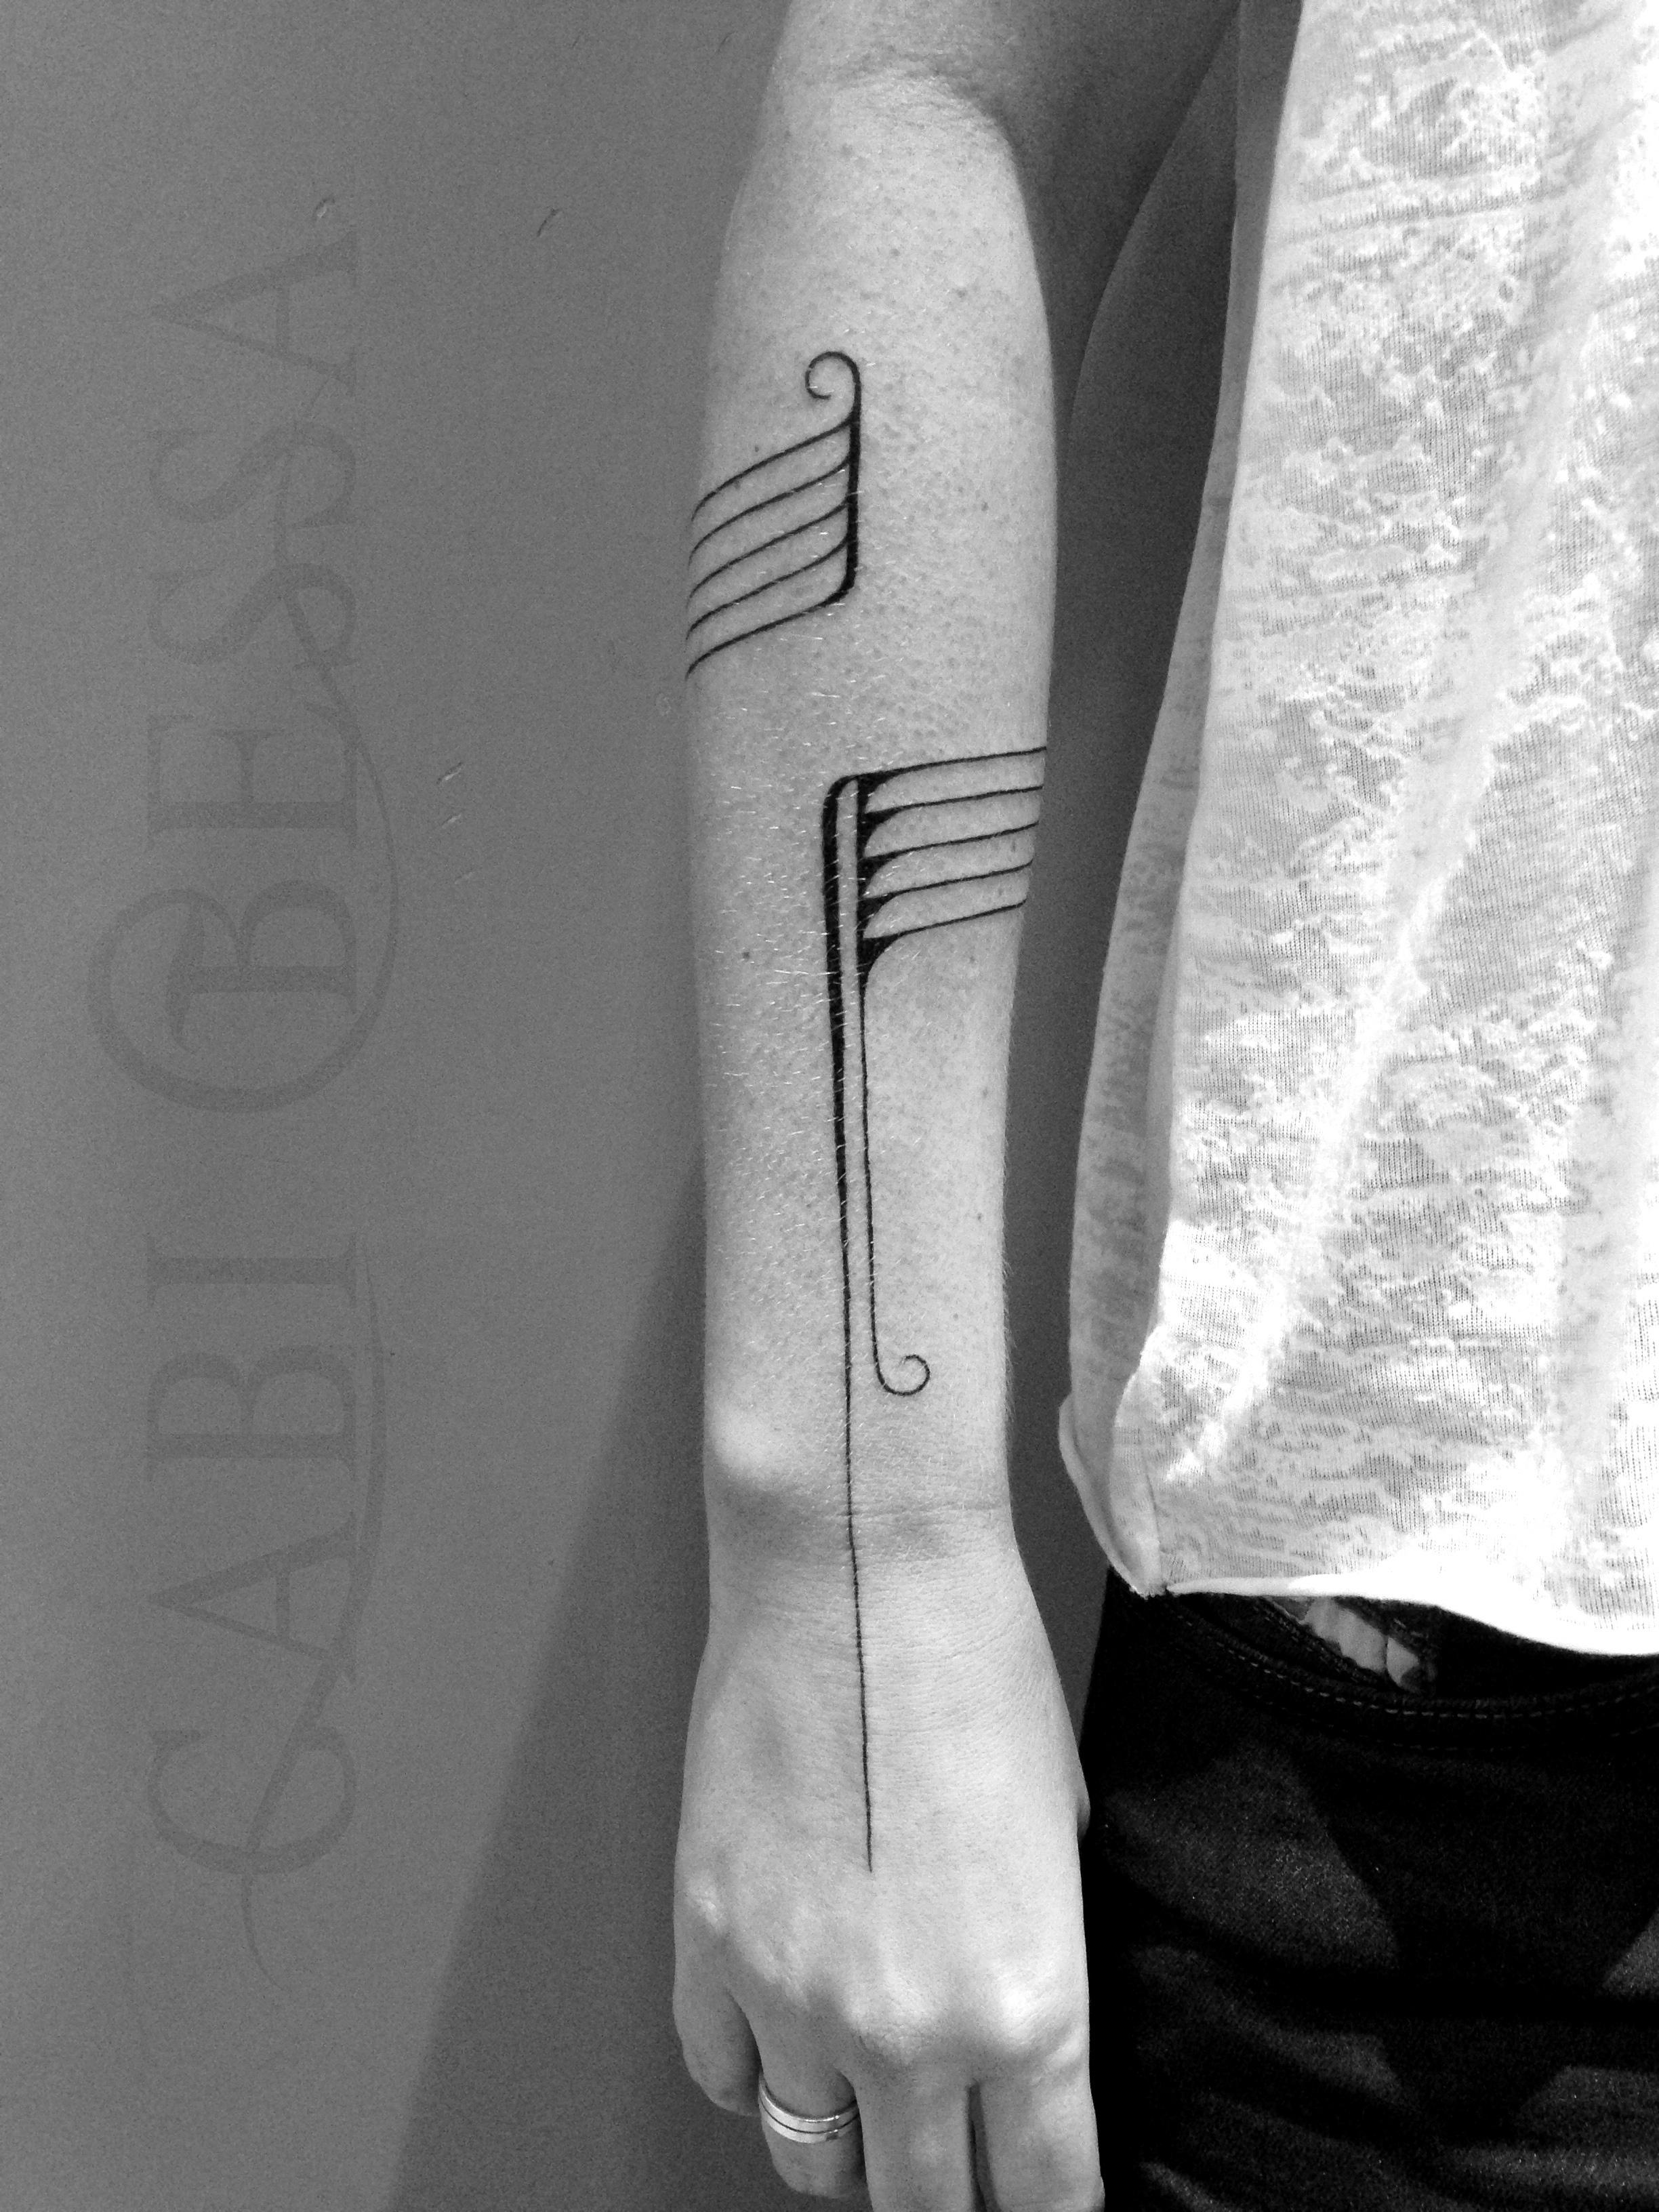 Partitura Musical | Musical Score